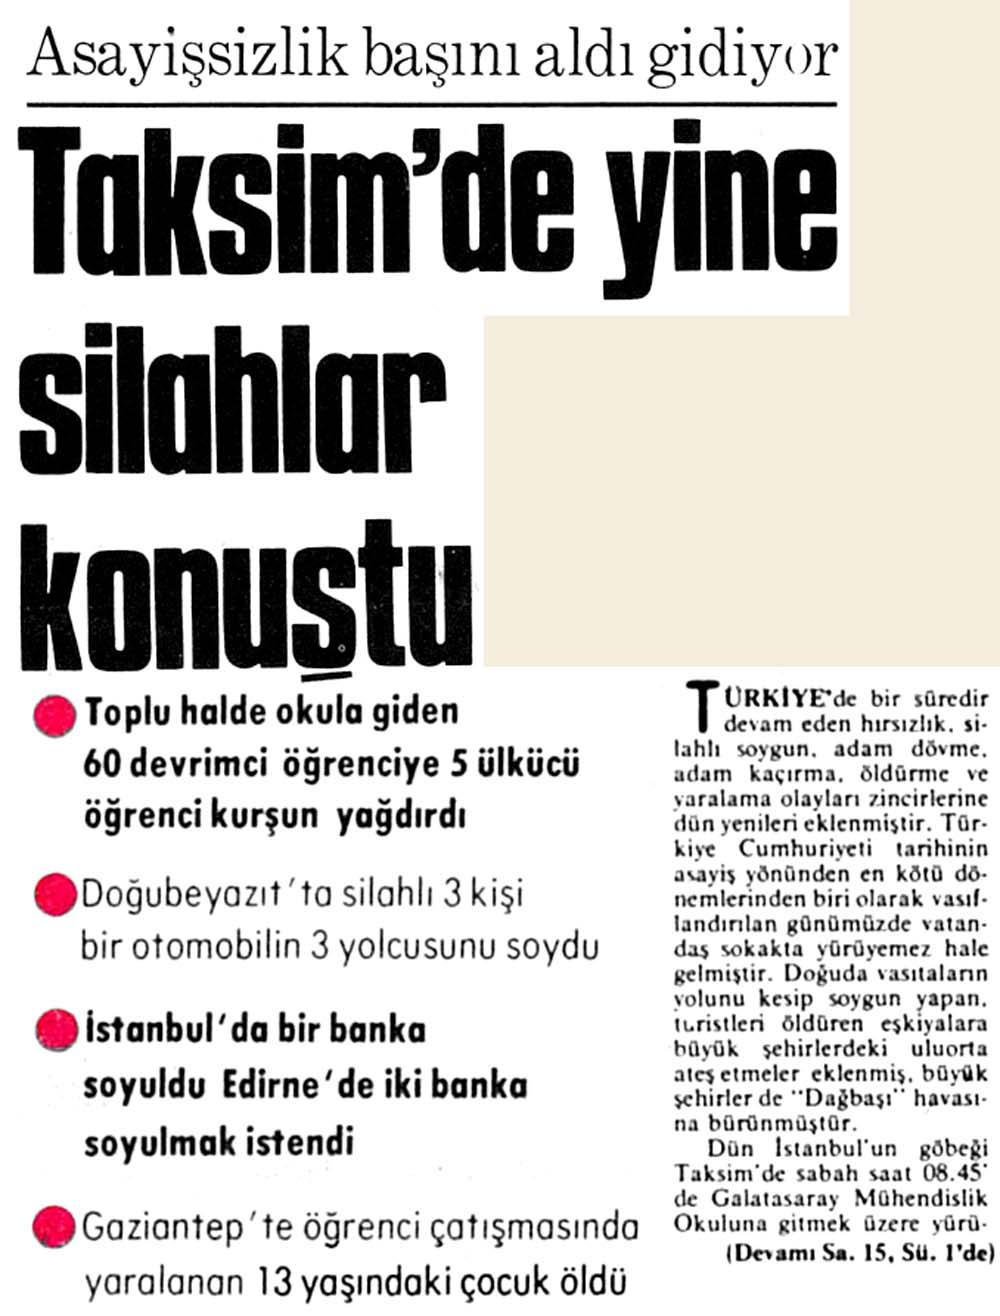 Taksim'de yine silahlar konuştu